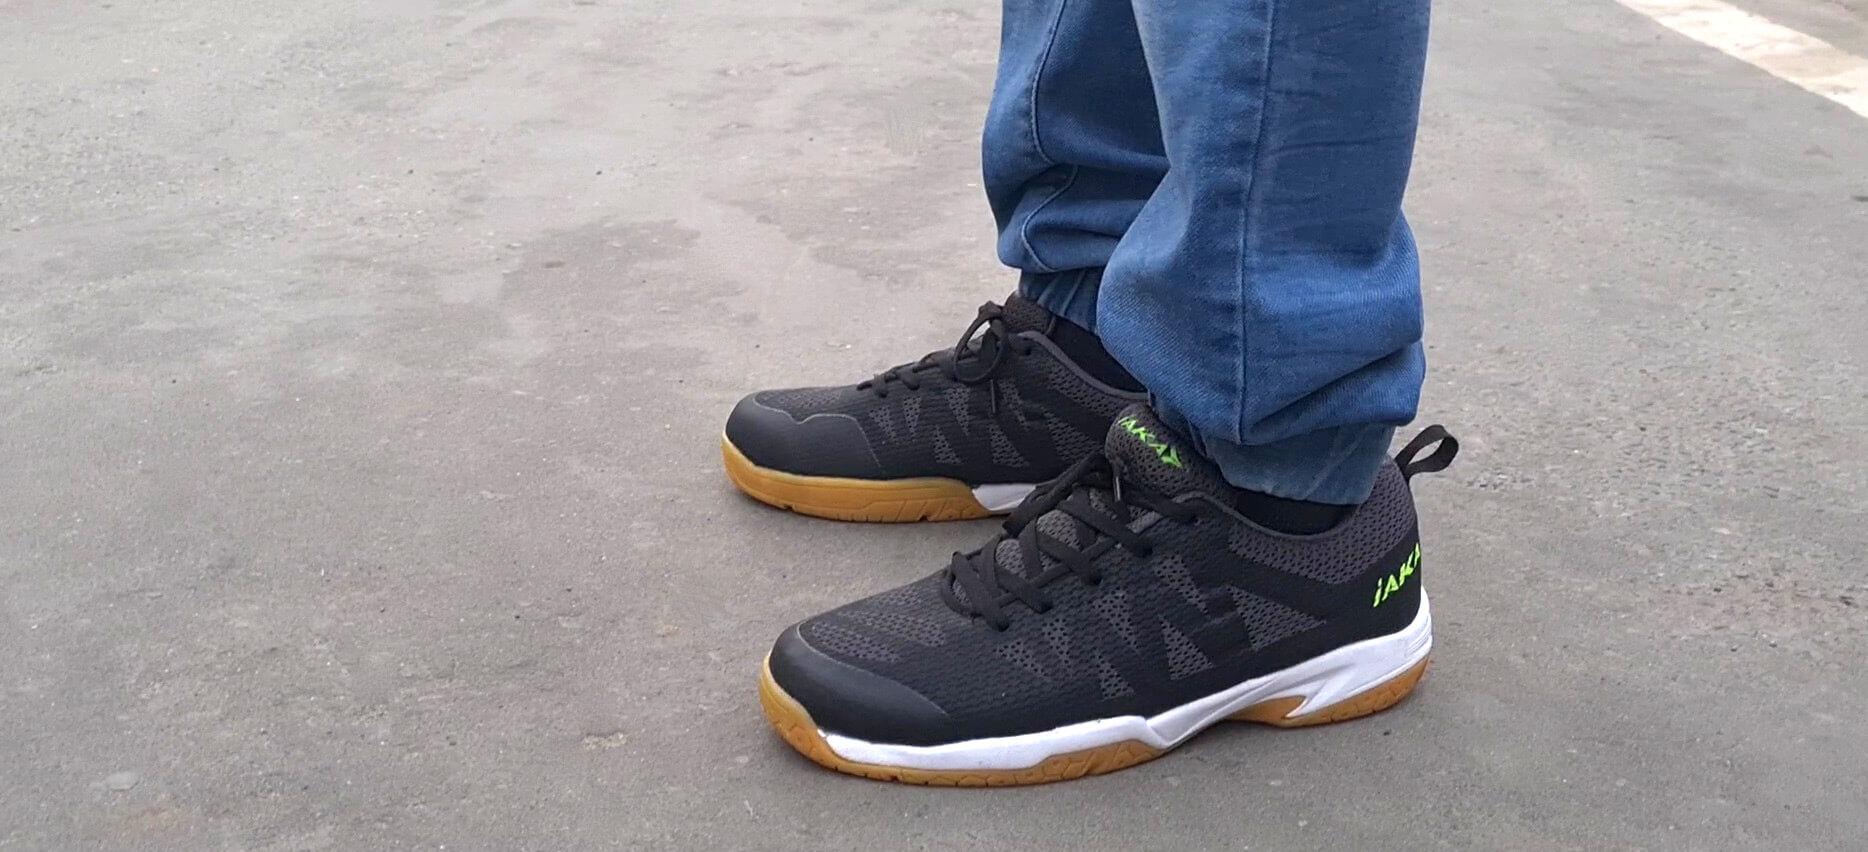 carbon badminton shoes on court